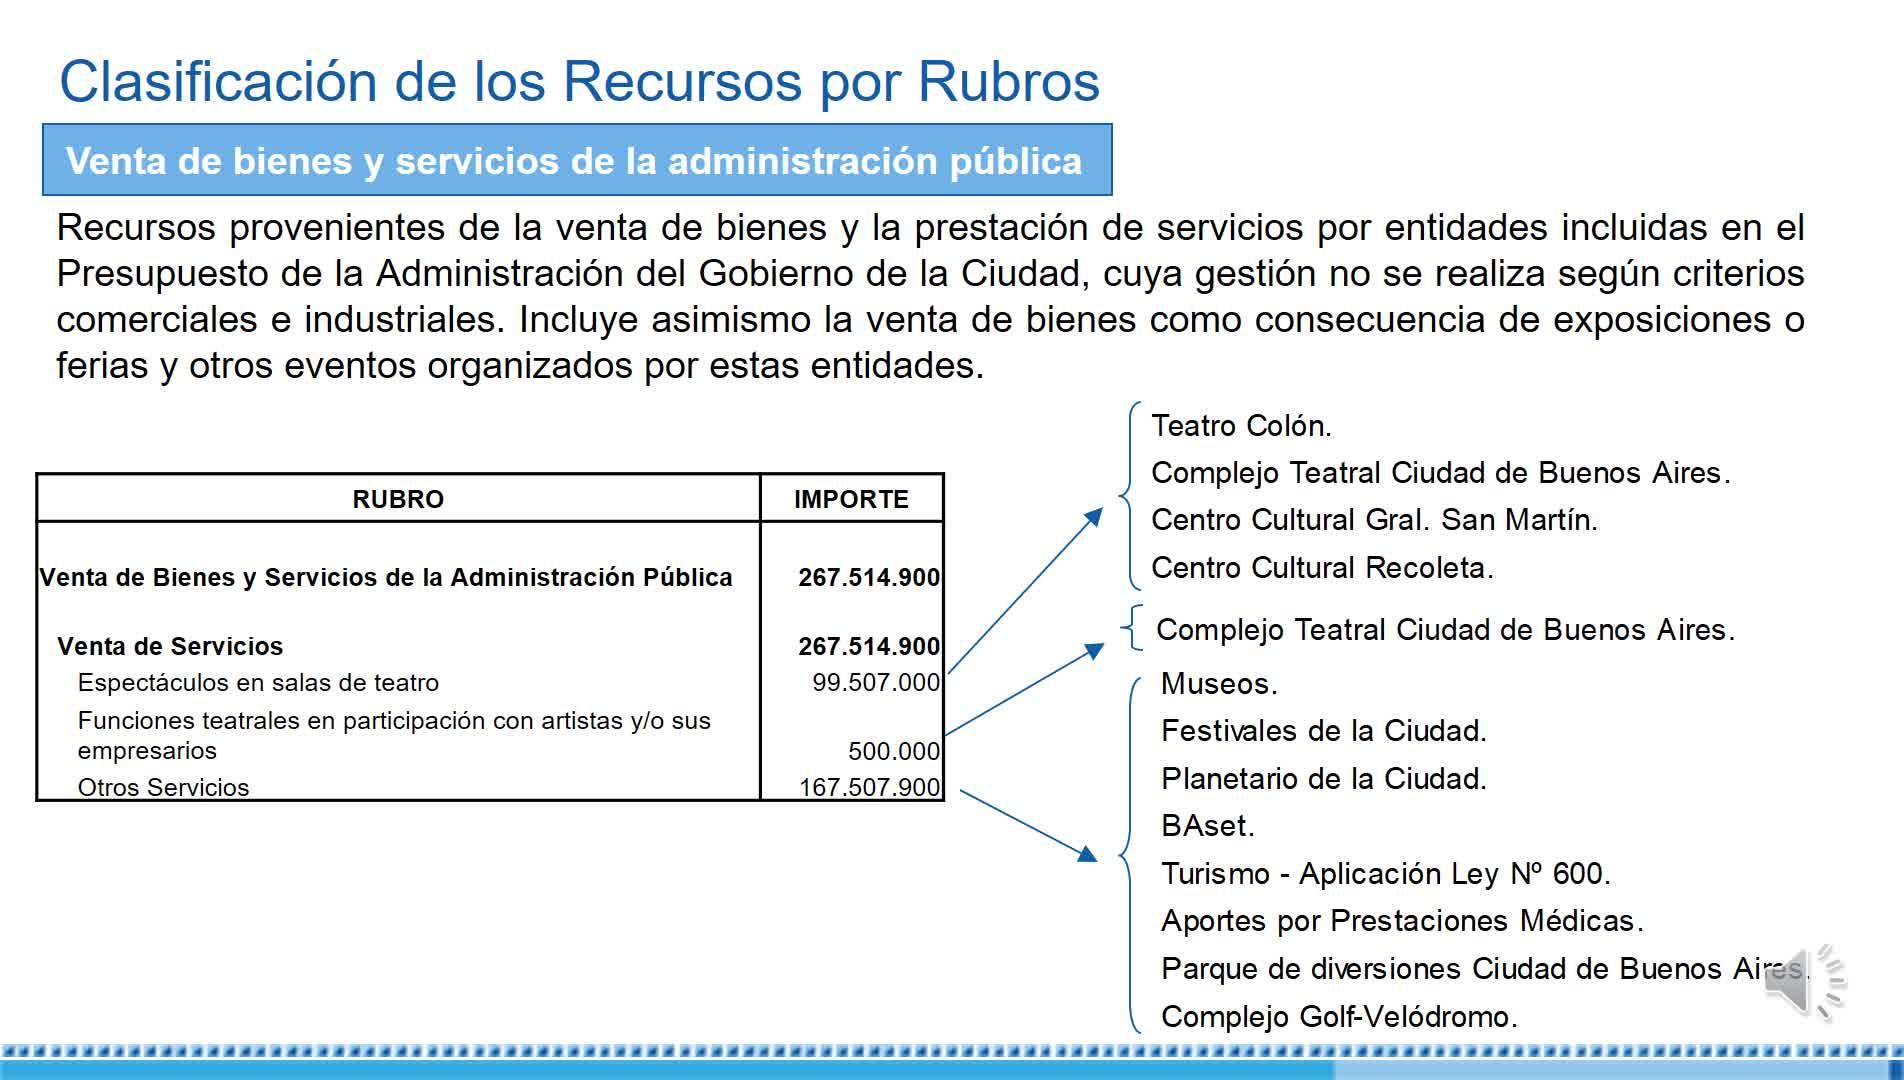 Clasificaciones de los recursos y cuenta ahorro-inversión-financiamiento. Primera parte.